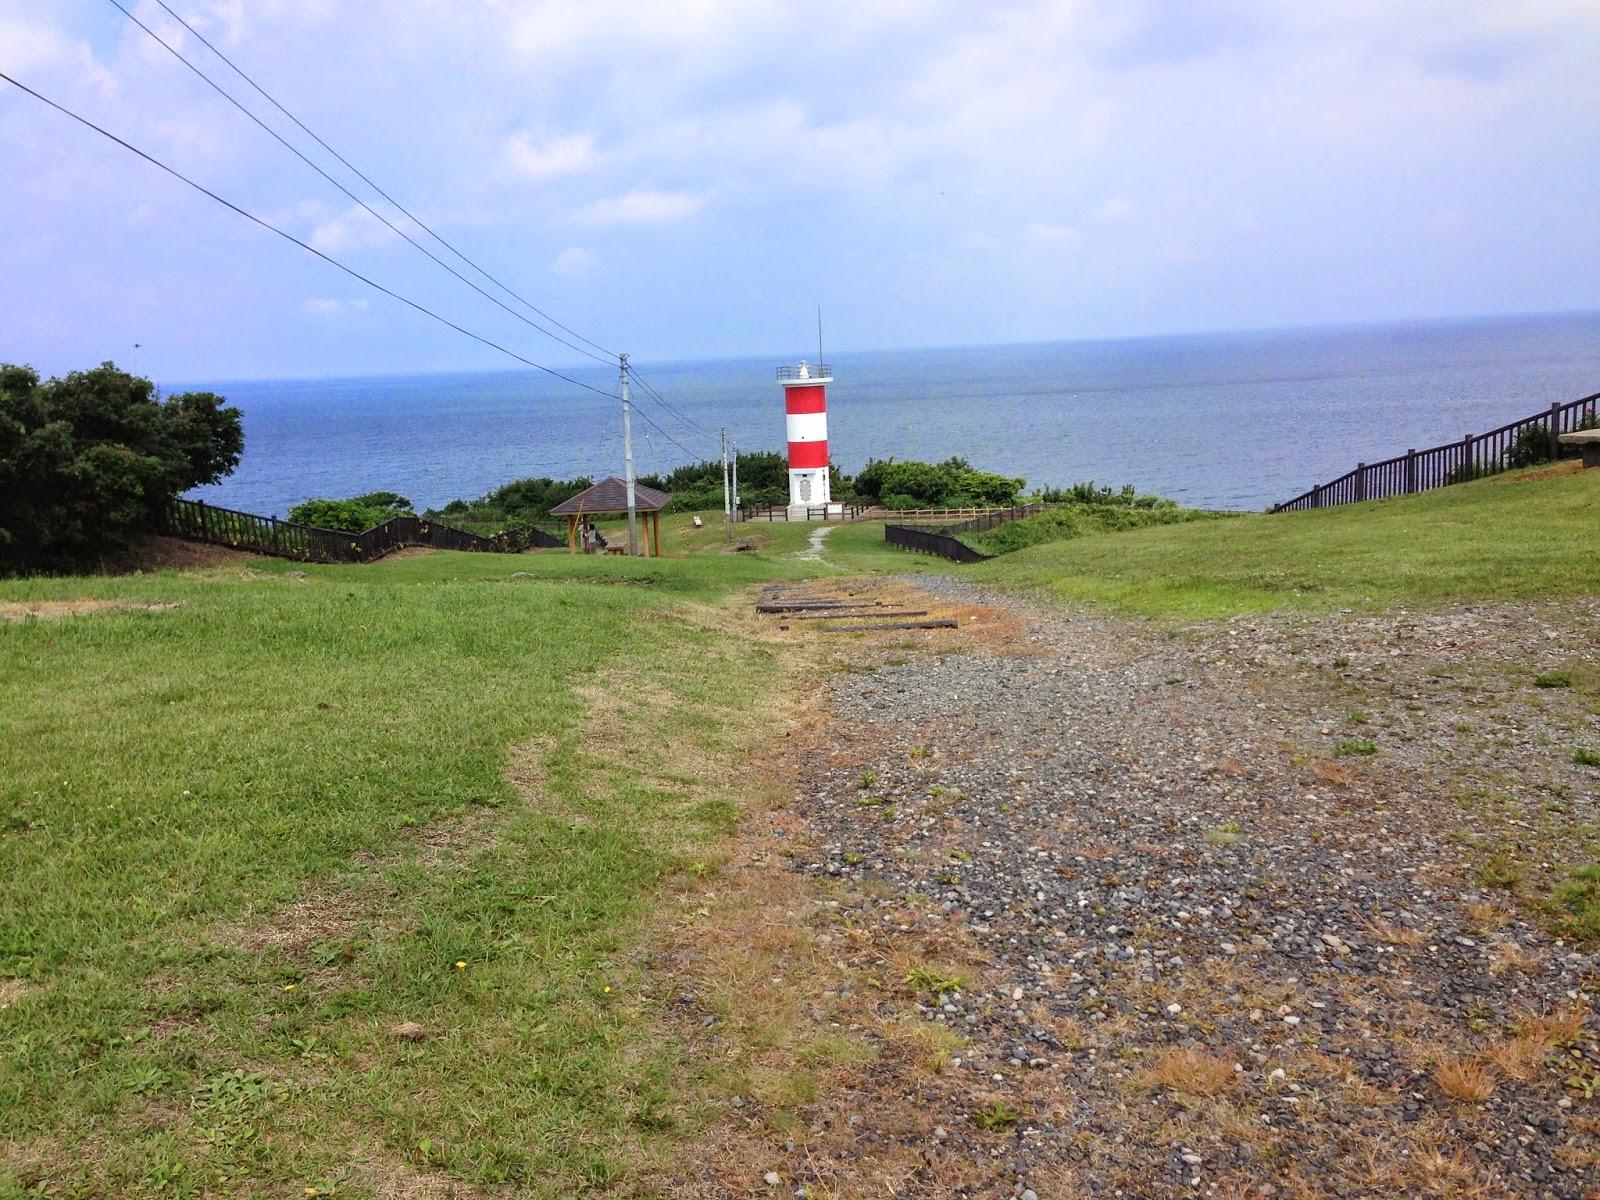 aomori coast, light house aomori, cycling in aomori